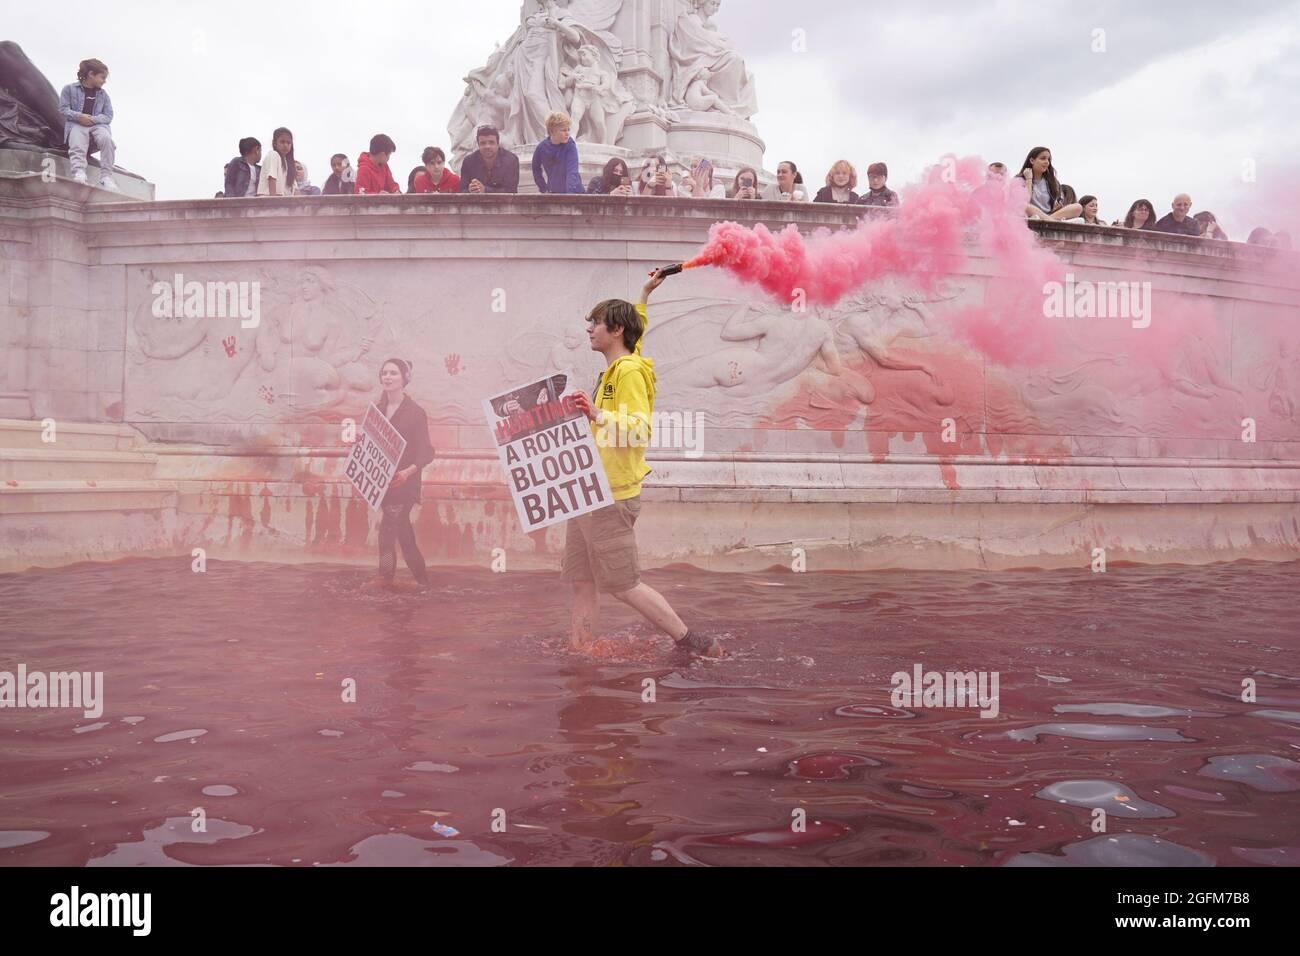 Während eines Protestes vor dem Buckingham Palace in London lassen Demonstranten des Extinction Rebellion im Brunnen des Queen Victoria Memorial, den sie mit roter Farbe überzogen haben, Leuchtraketen los. Bilddatum: Donnerstag, 26. August 2021. Stockfoto